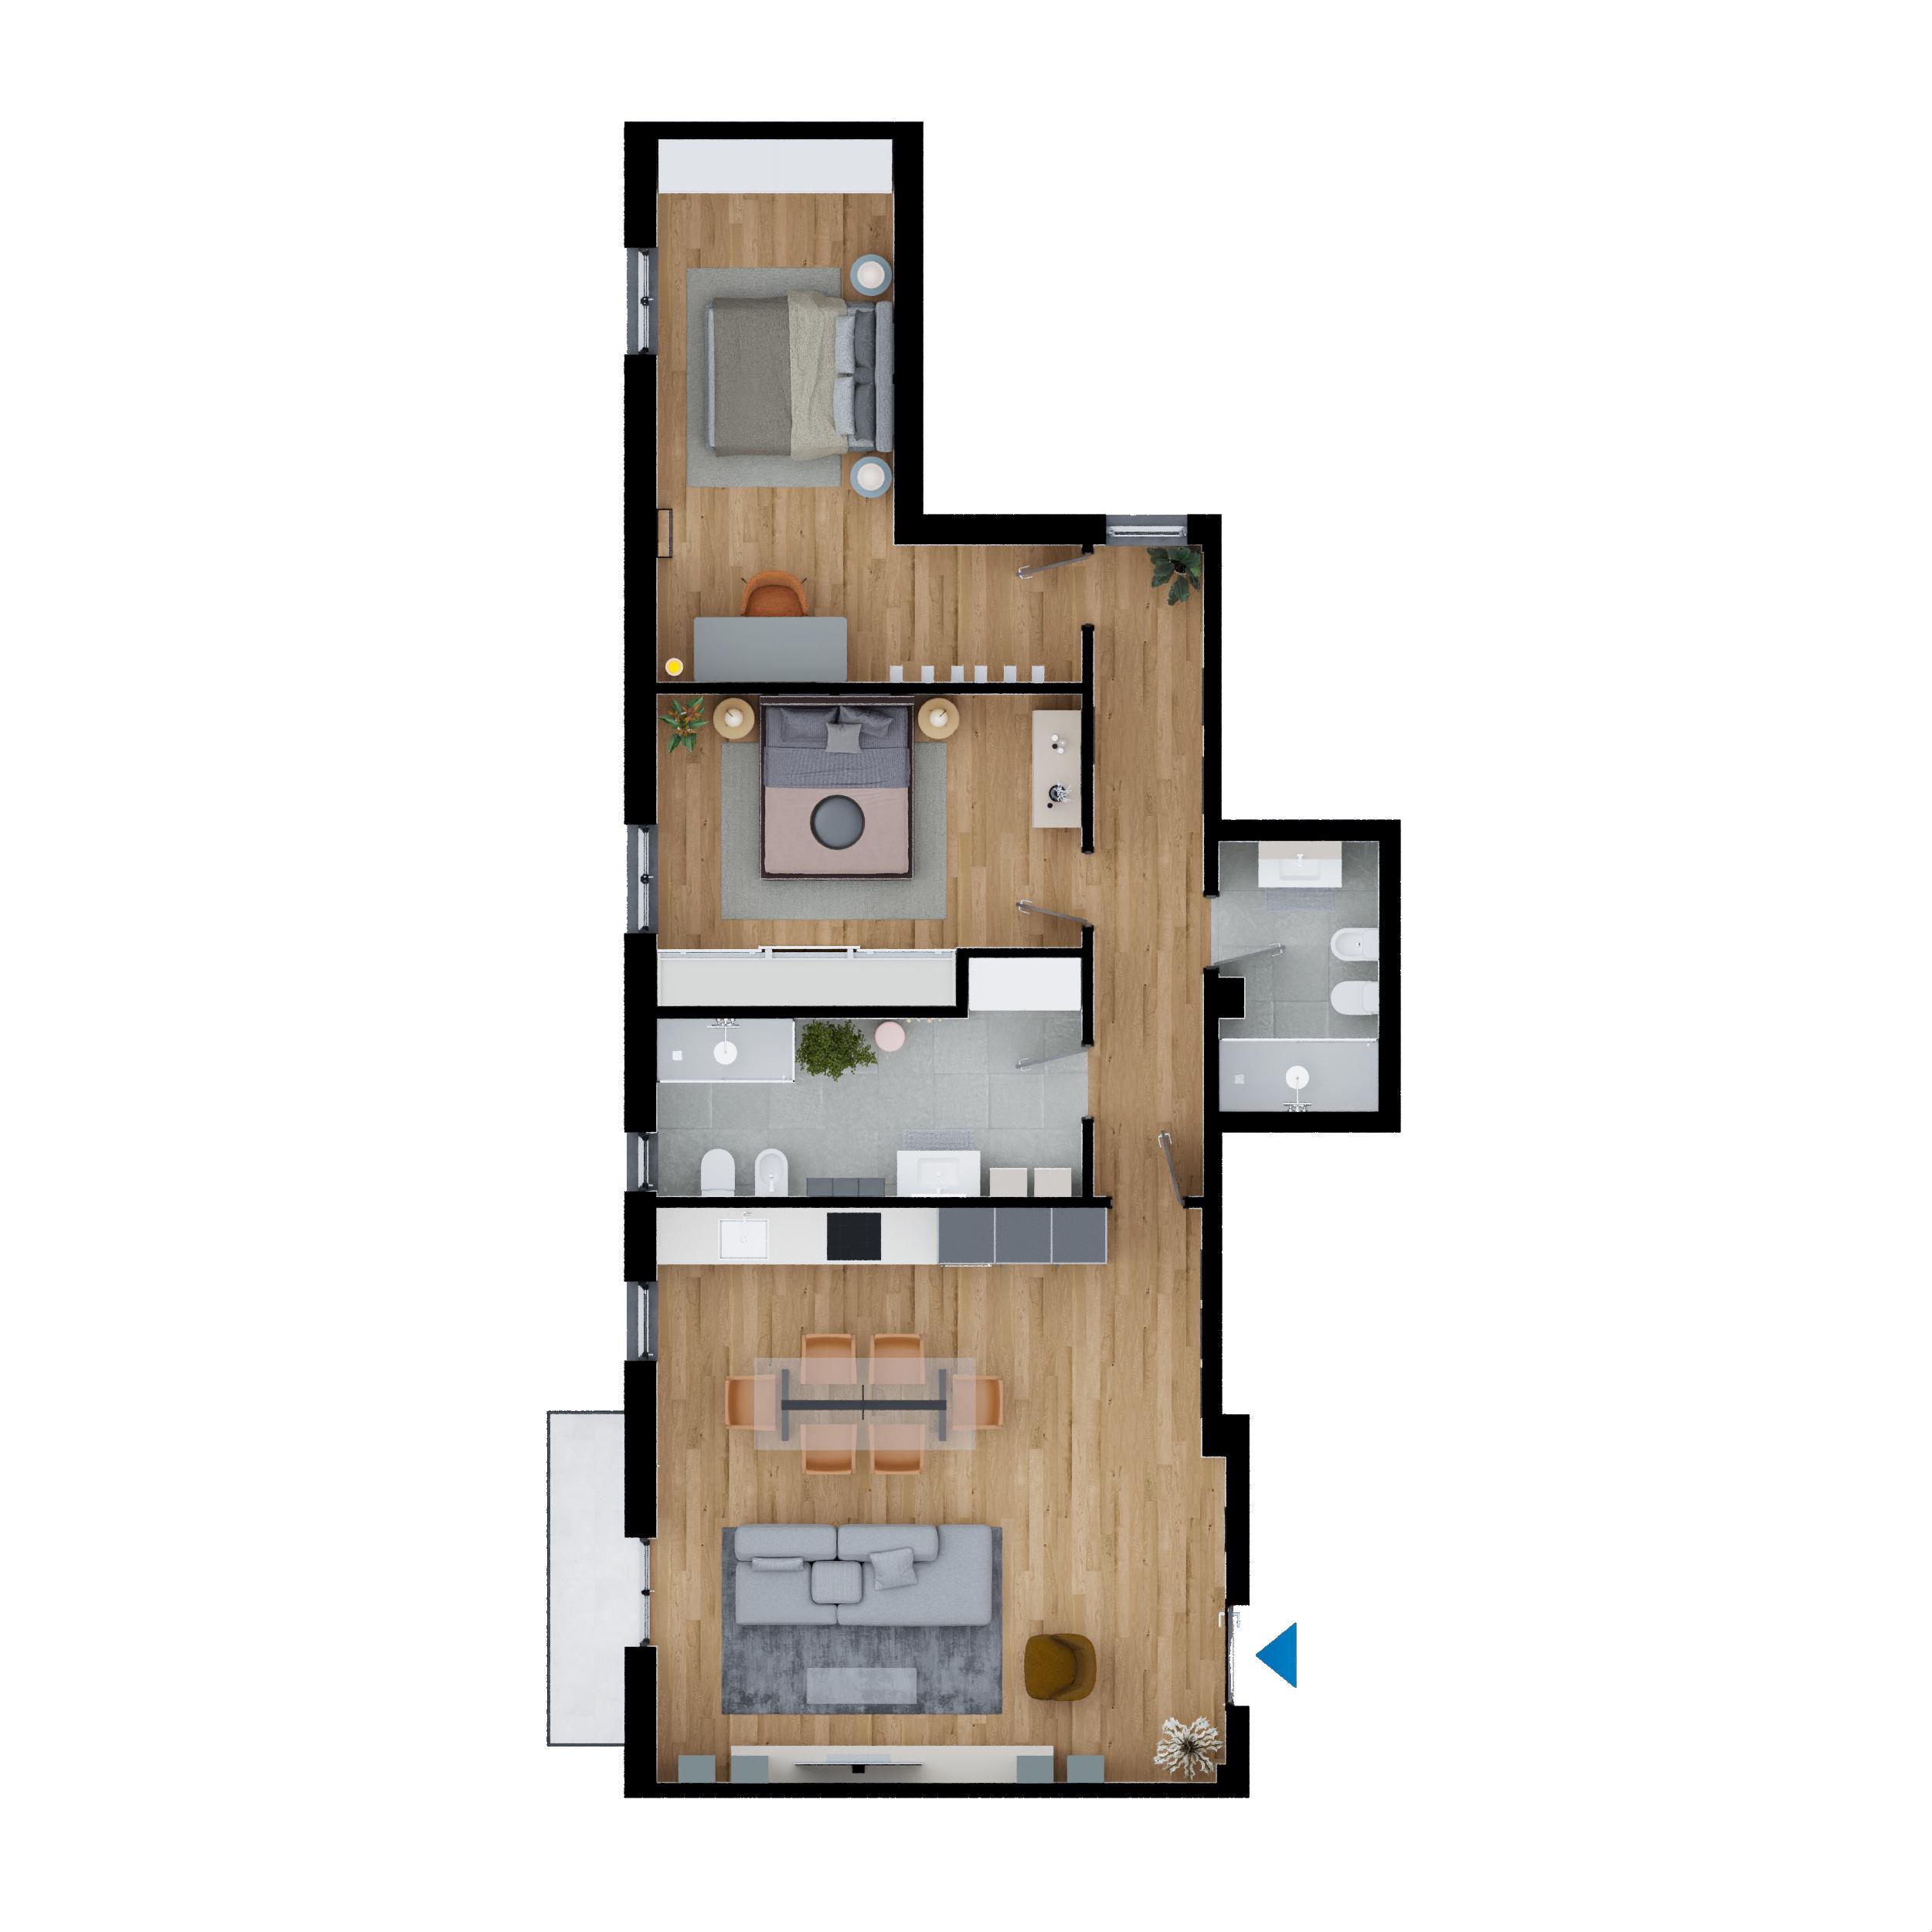 Appartamento ristrutturato in vendita Via Boldrini 115 mq.